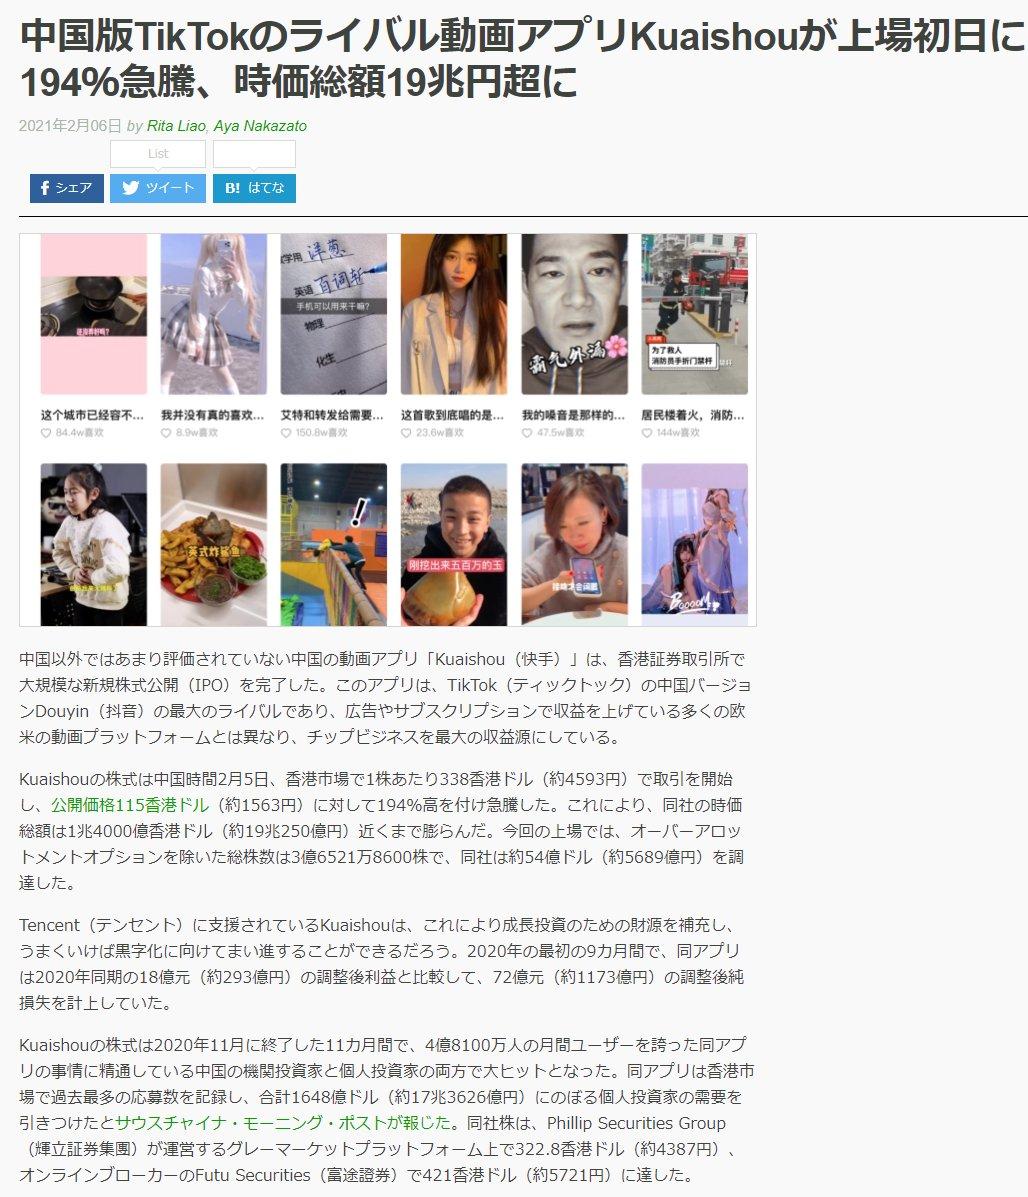 「中国版TikTokのライバル動画アプリKuaishouが上場初日に194%急騰、時価総額19兆円超に」 >Kuaishou(快手) / 中国時間2月5日、香港市場で1株あたり338香港ドル(約4593円)で取引を開始し、公開価格115香港ドル(約1563円)に対して194%高を付け急騰した